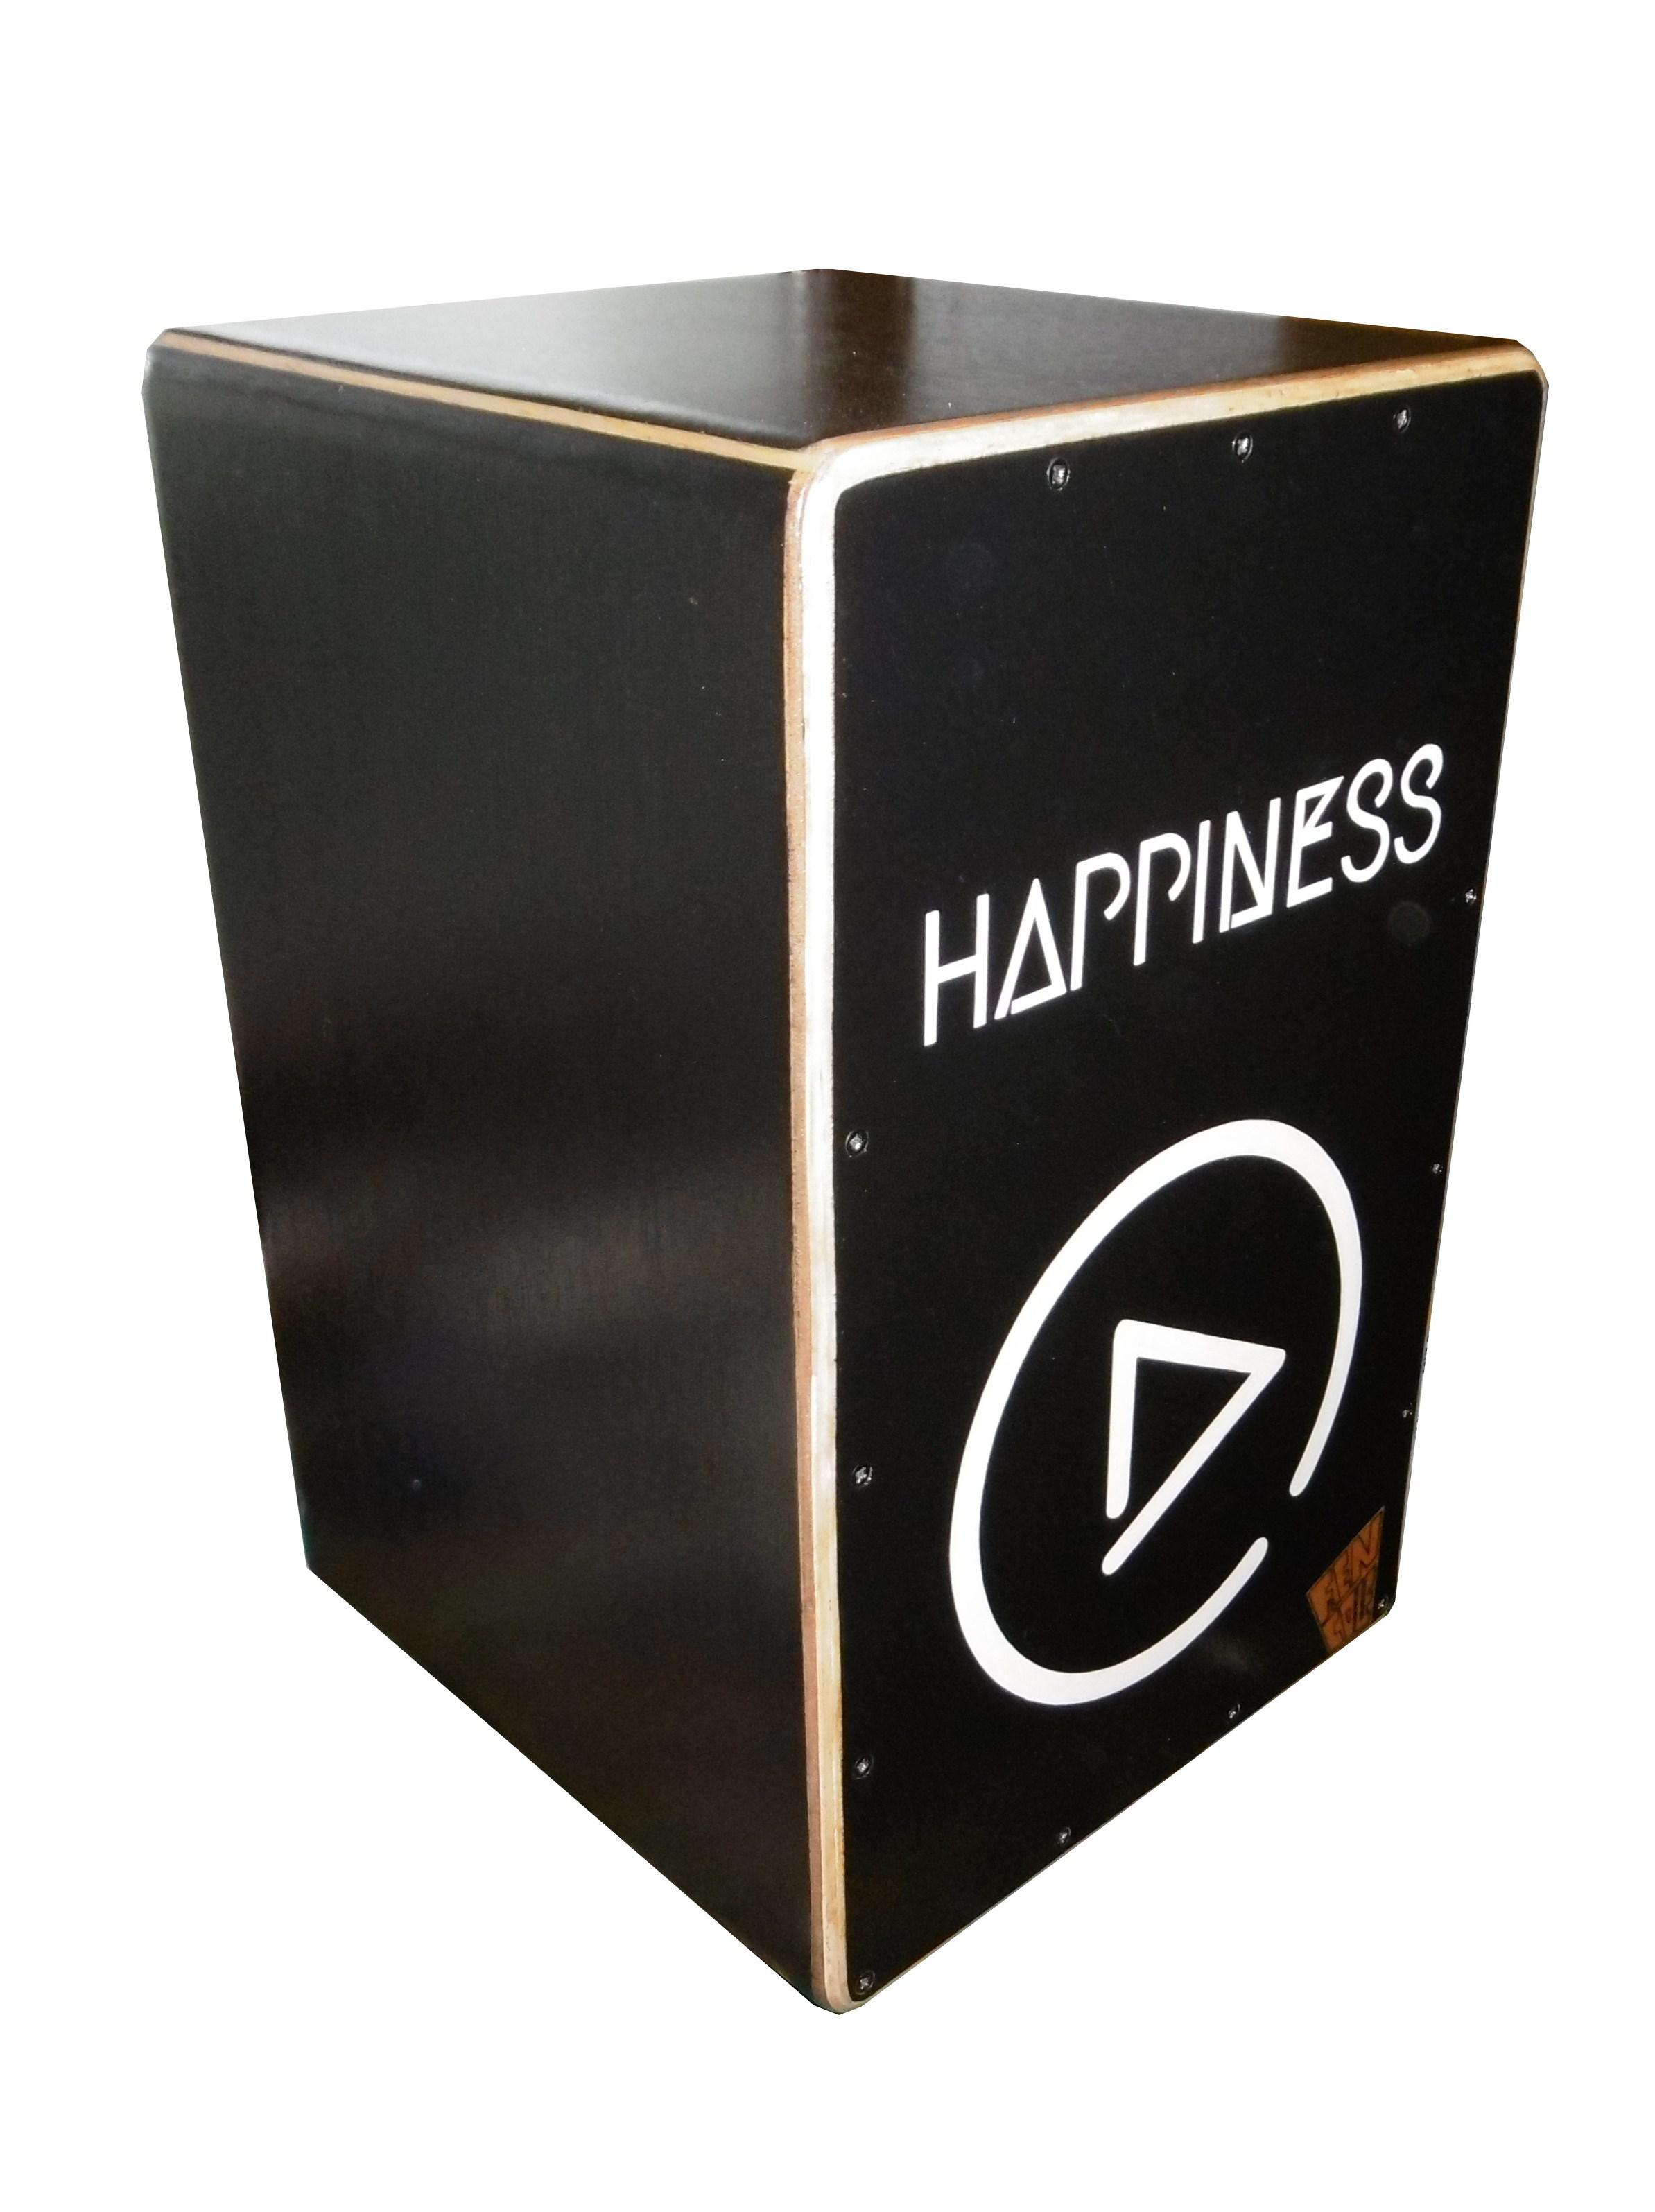 Commande pour le groupe Happiness d'Etaples sur Mer janvier 2017